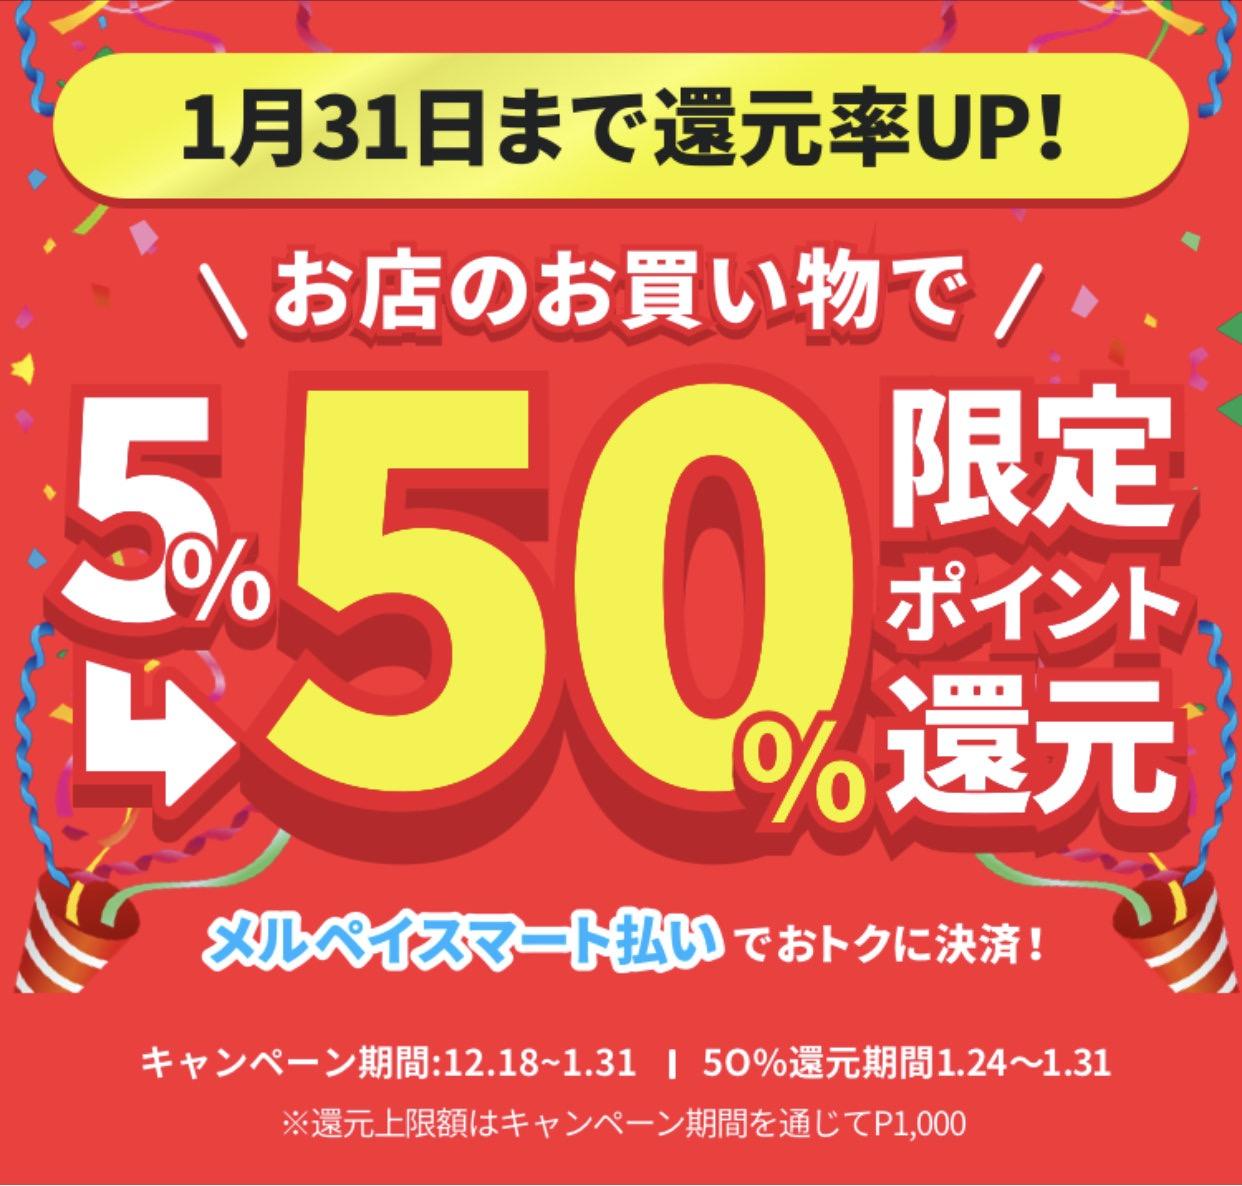 「メルペイスマート払い」50%ポイント還元キャンペーンを実施中(1/31まで)